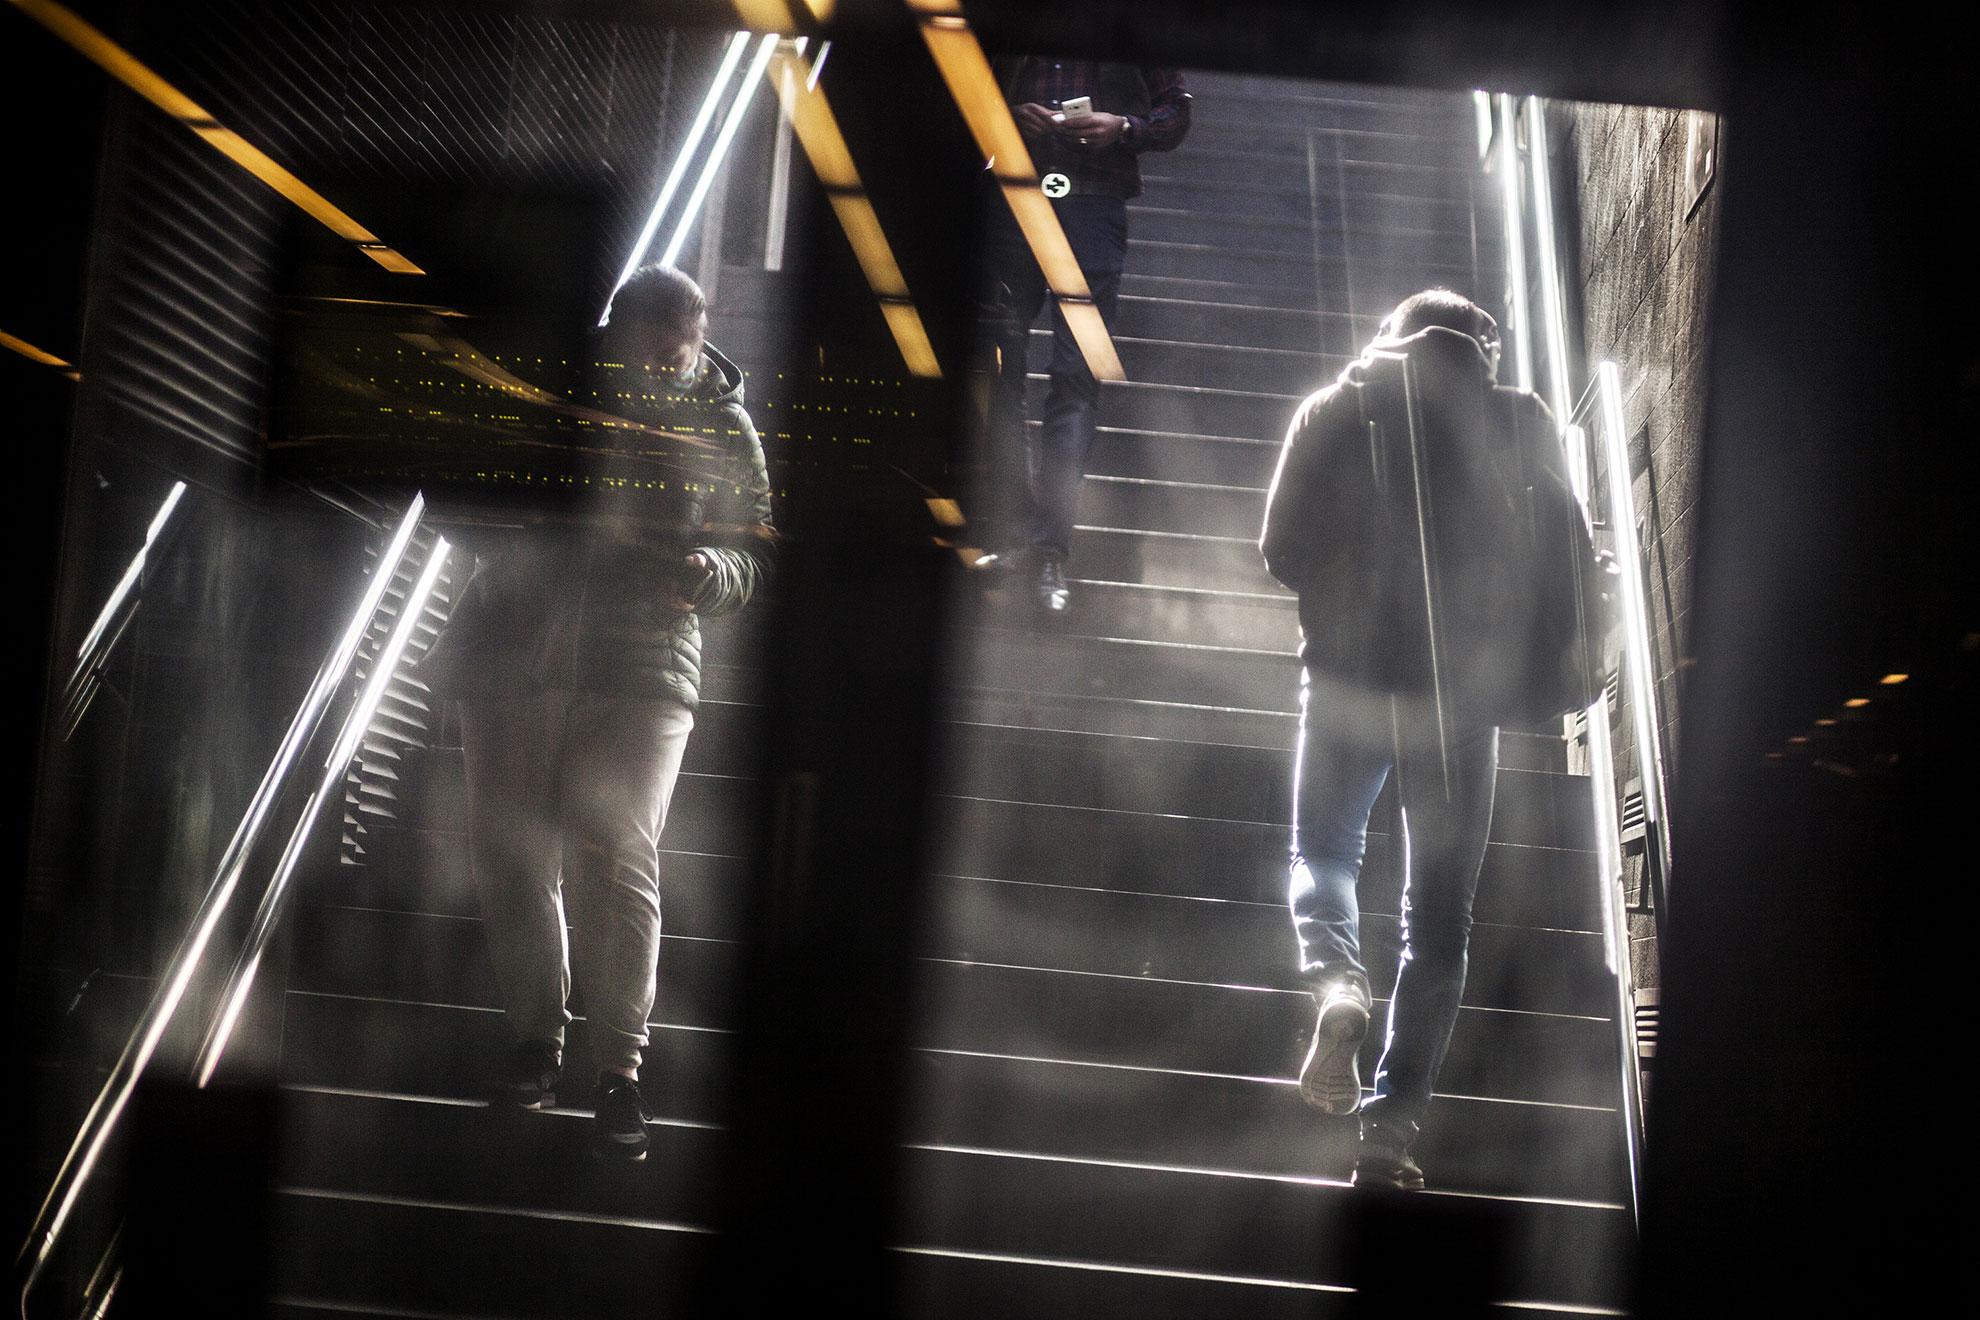 Personas entrando y saliendo del metro de Barcelona el día jueves 19. Barcelona, España, en marzo del 2020. El gobierno español declaró el estado de alerta y confinamiento en el hogar debido al brote de COVID19 el viernes 13. Barcelona se enfrenta al quinto día de confinamiento domiciliario y distanciamiento social debido a la propagación del coronavirus.